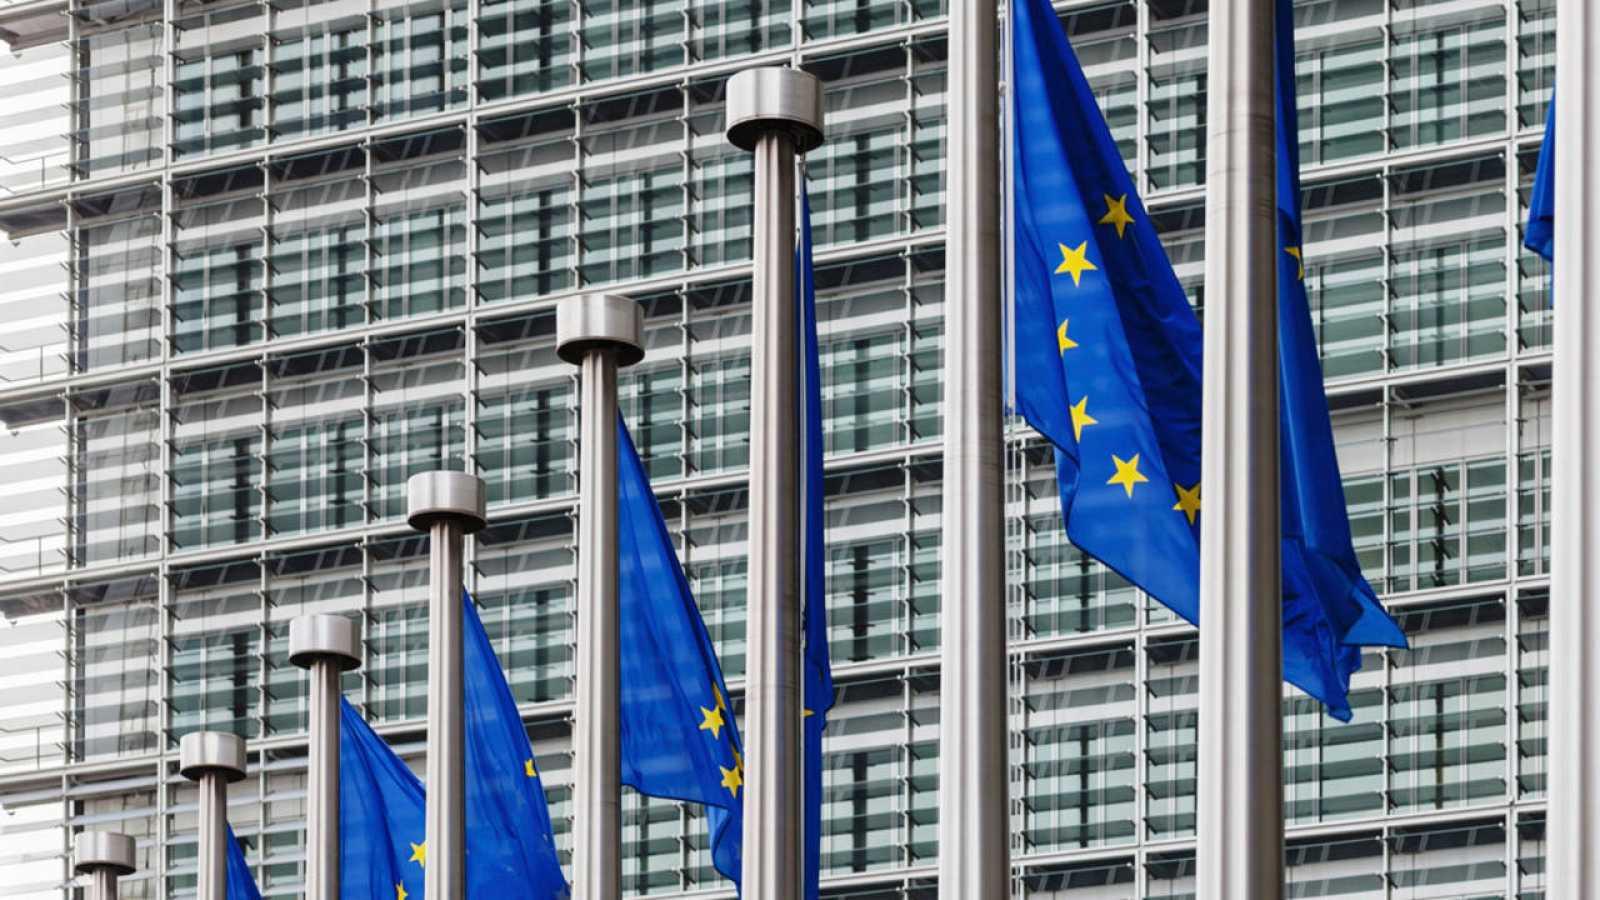 Banderas de la Unión Europea ondean delante de la sede de la Comisión